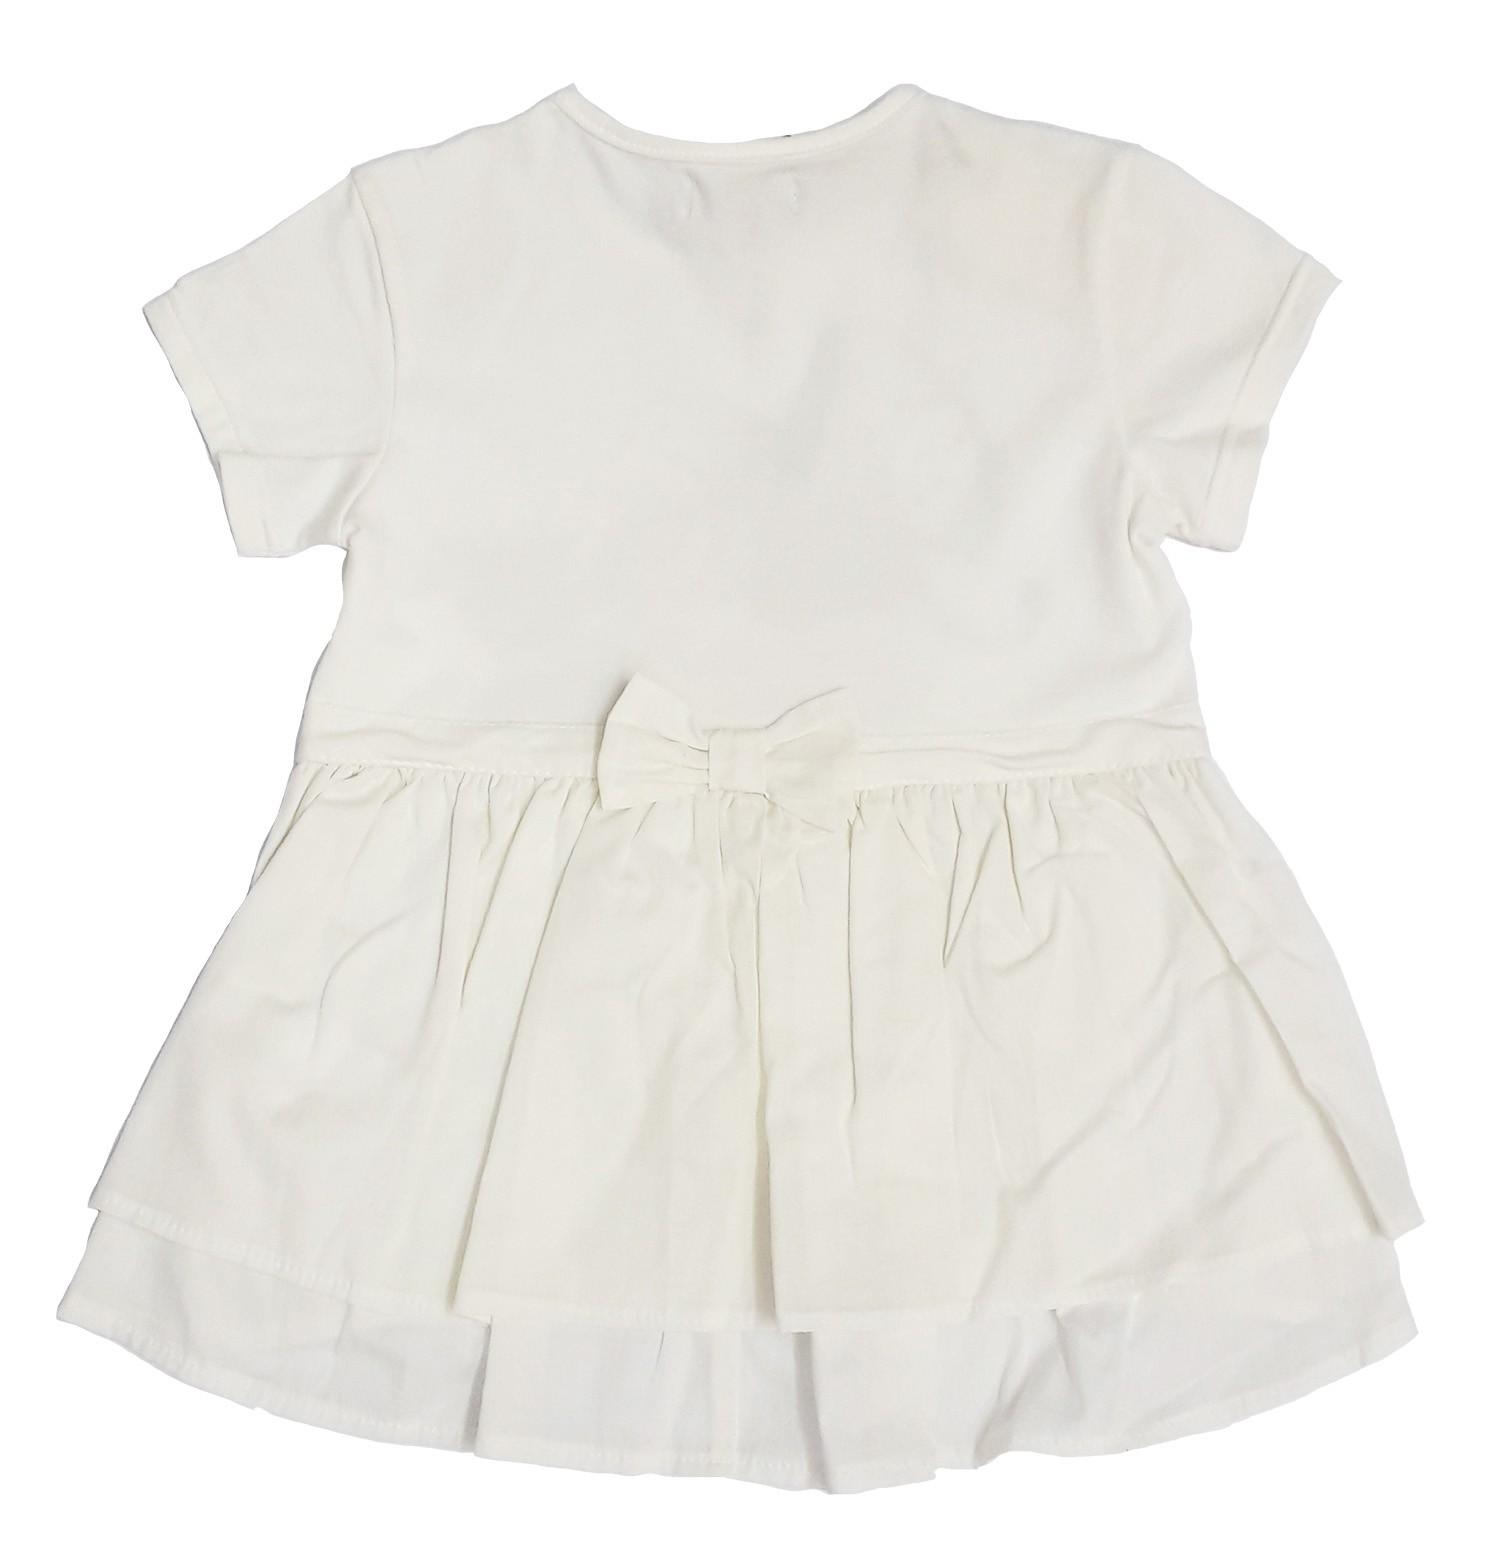 Conjunto Infantil Feminino Blusa e Calça Estampadas Matinée